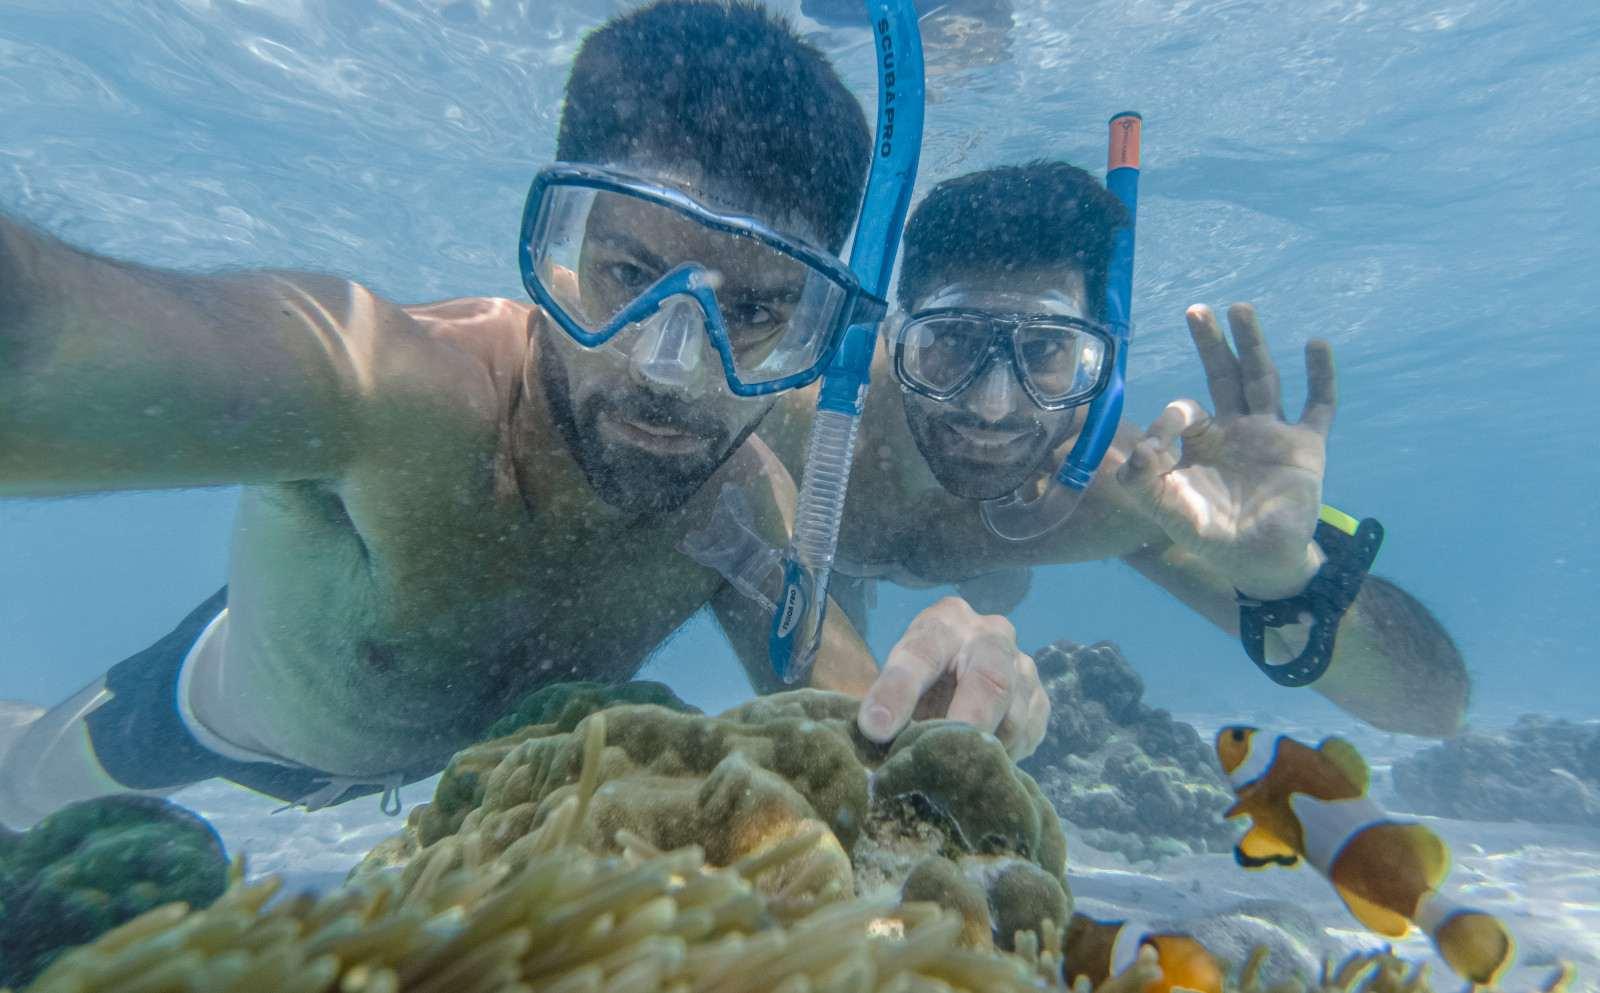 Meninos nômades relaxando nos caribenhos